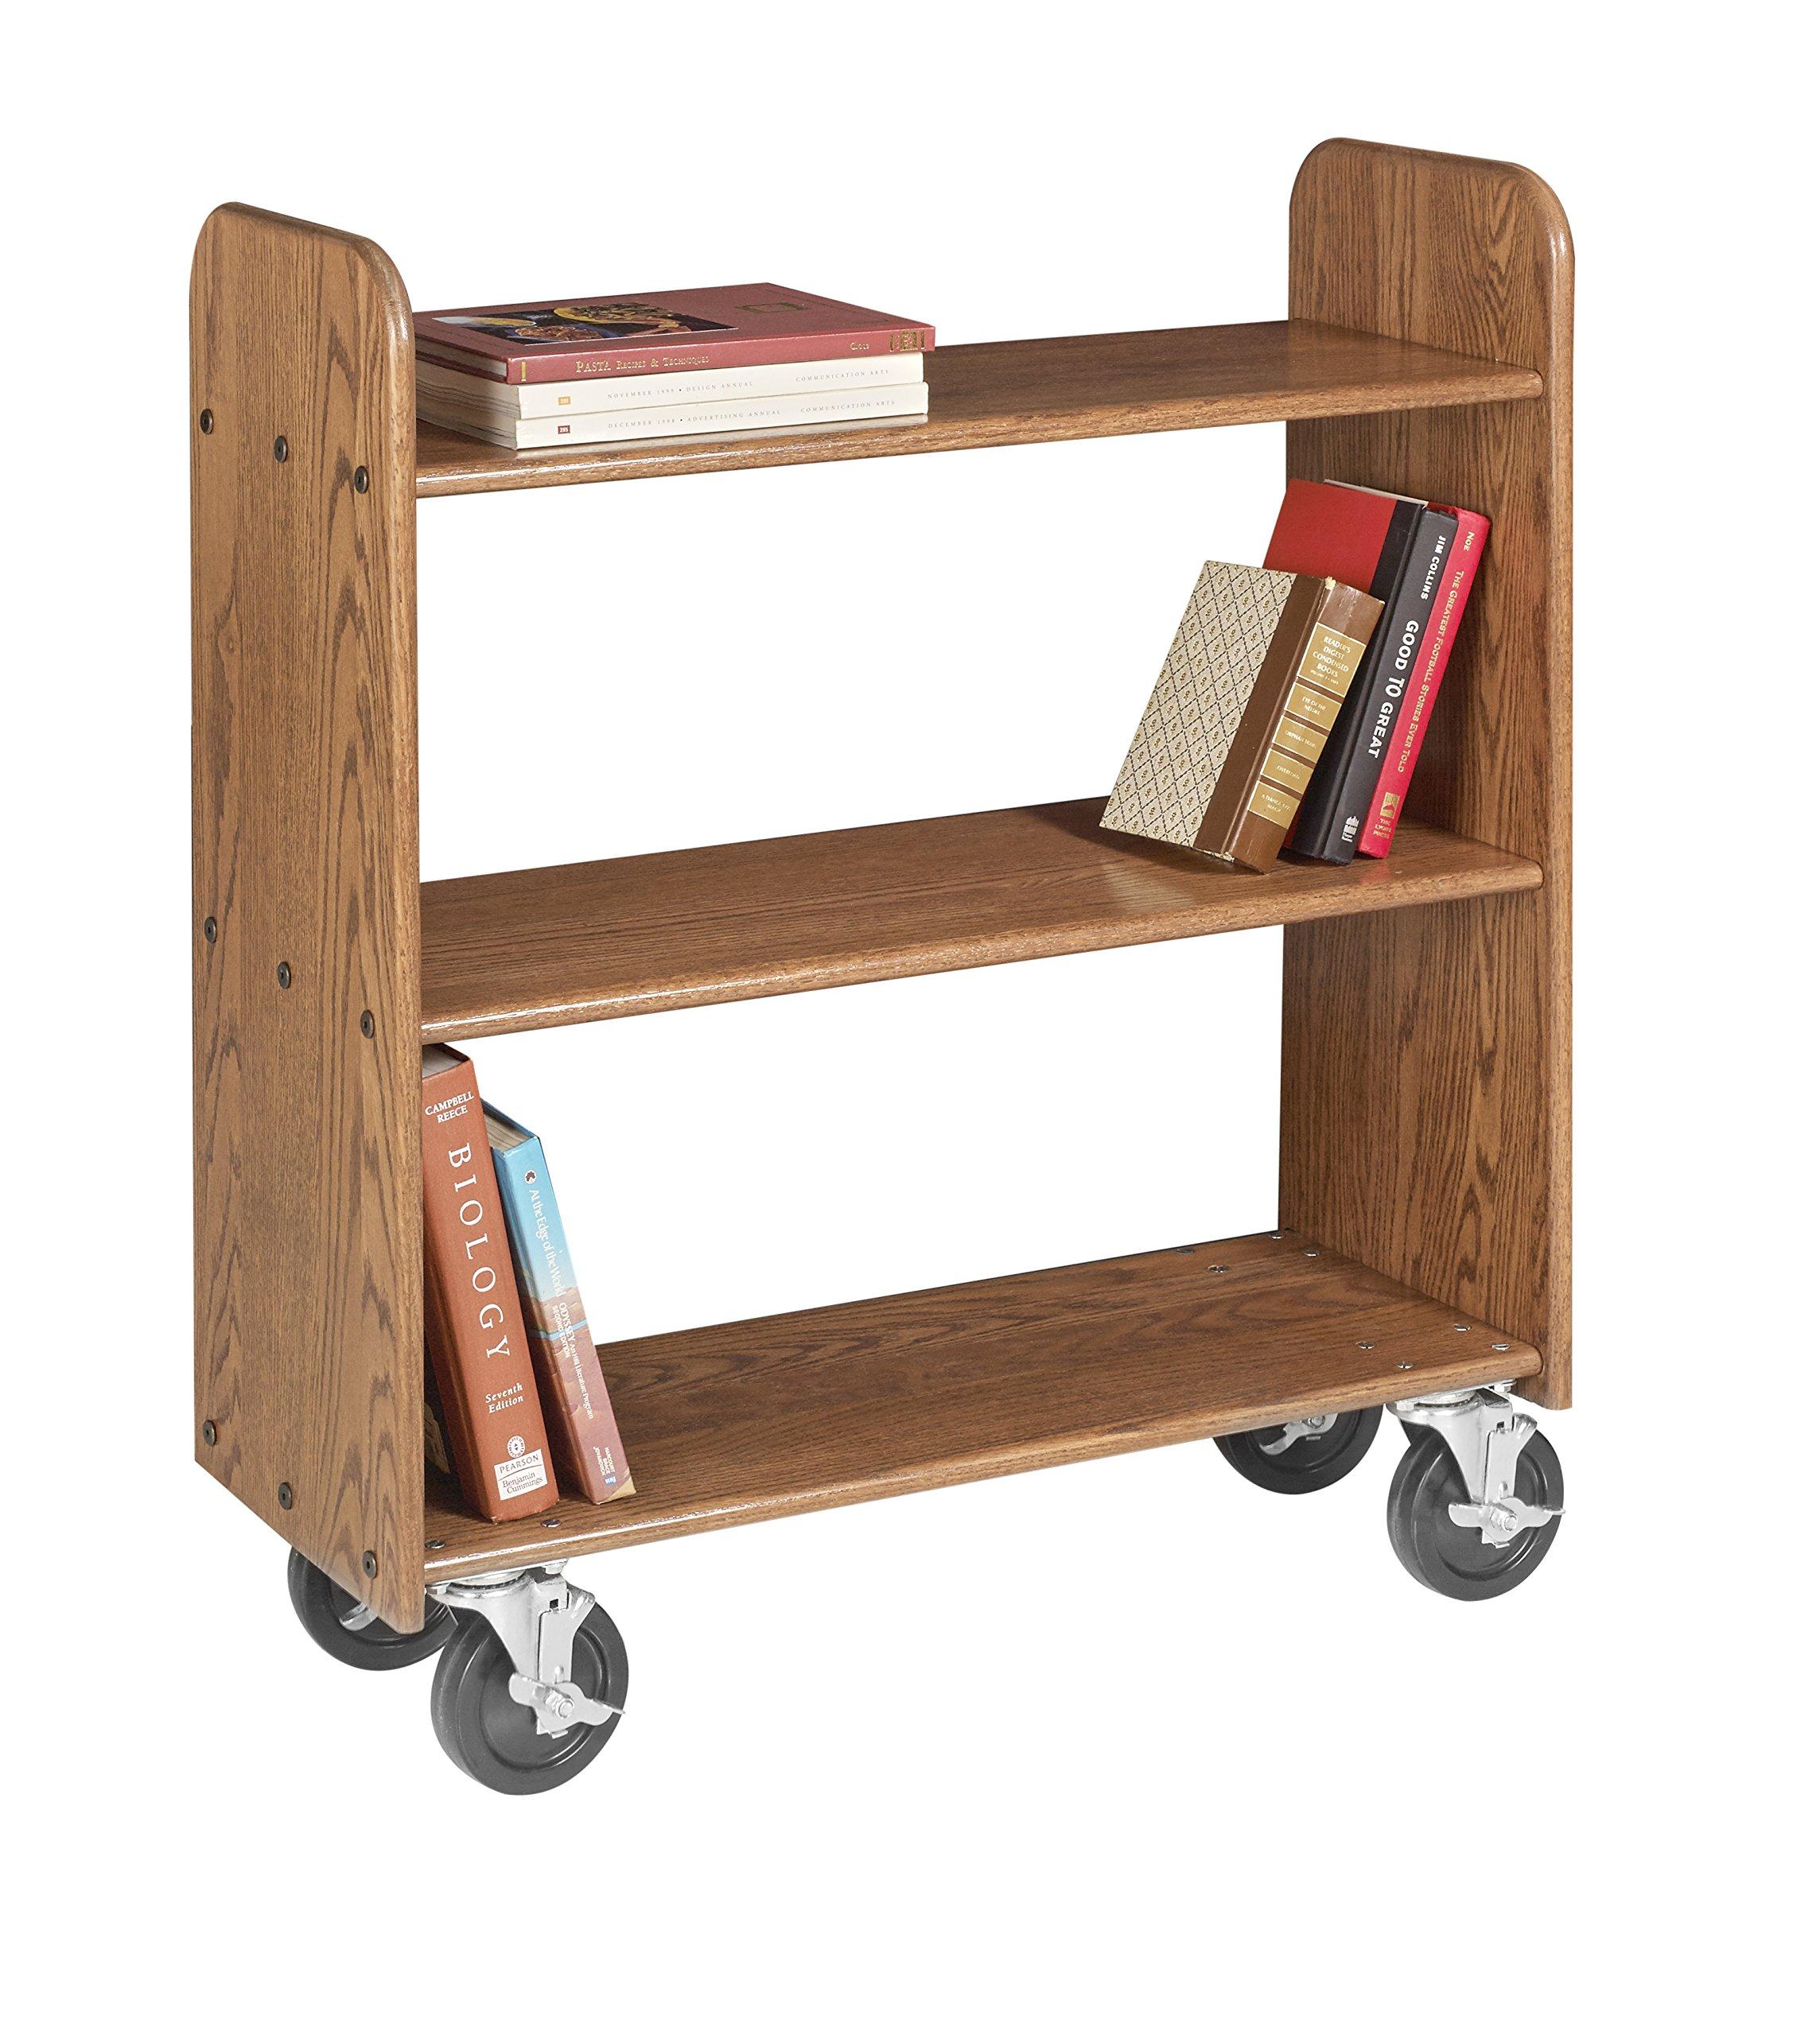 Diversified Woodcraft BT113 Deep Bronze Oak Finish Book Truck with 3 Flat Shelves, 32'' Width x 37-1/2'' Height x 13'' Depth by Diversified Woodcrafts